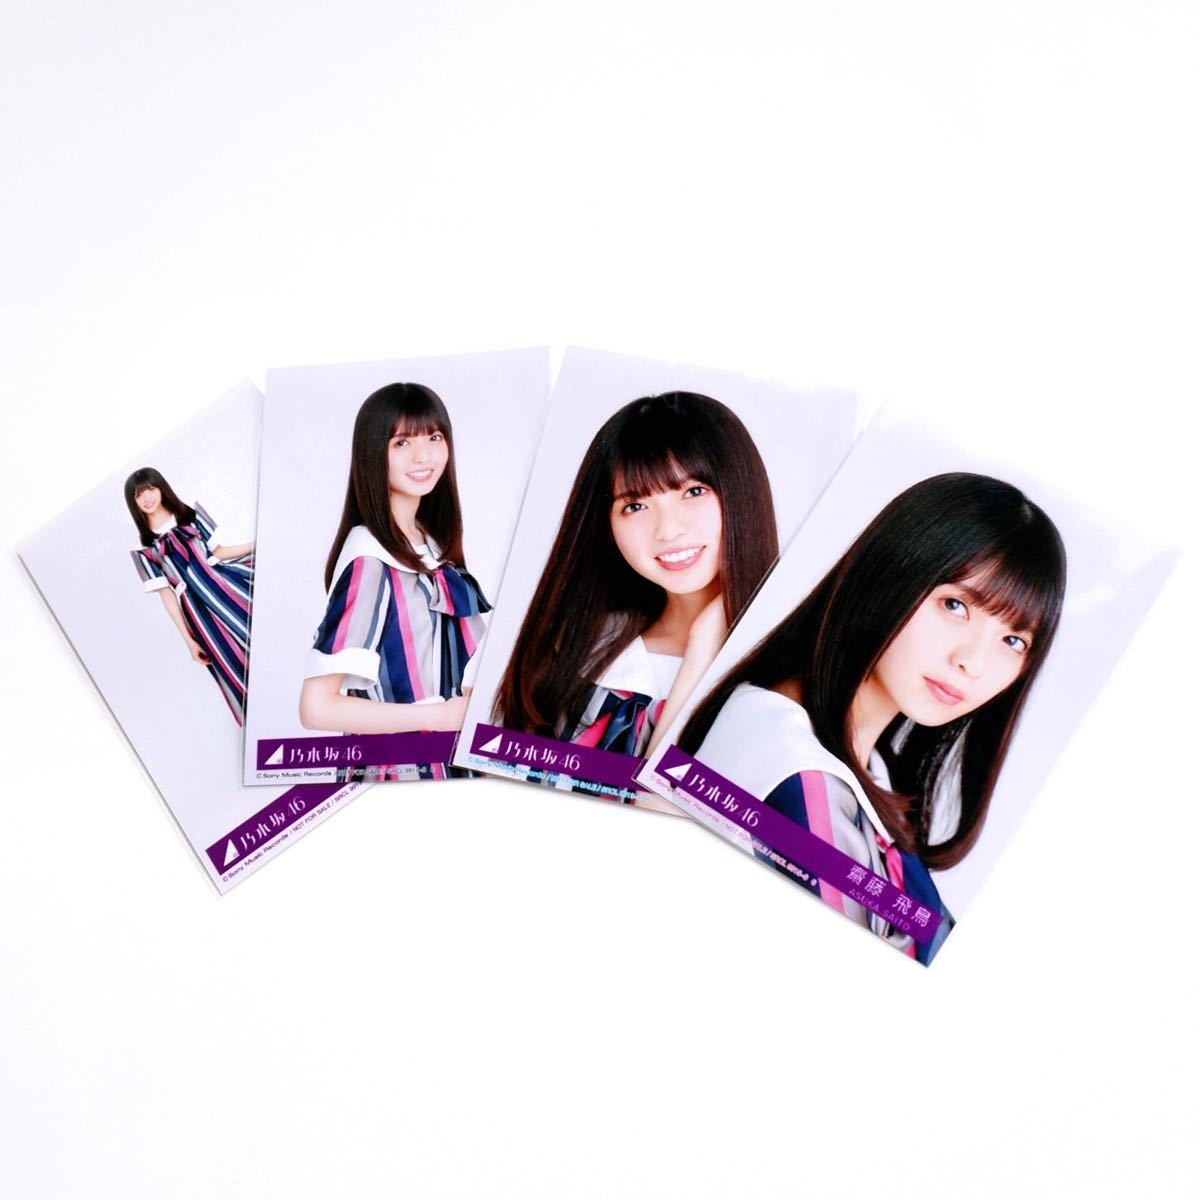 乃木坂46 齋藤飛鳥 生写真 4枚 コンプ 21stシングル ジコチューで行こう! TYPE ABCD ランダム封入特典 4種類